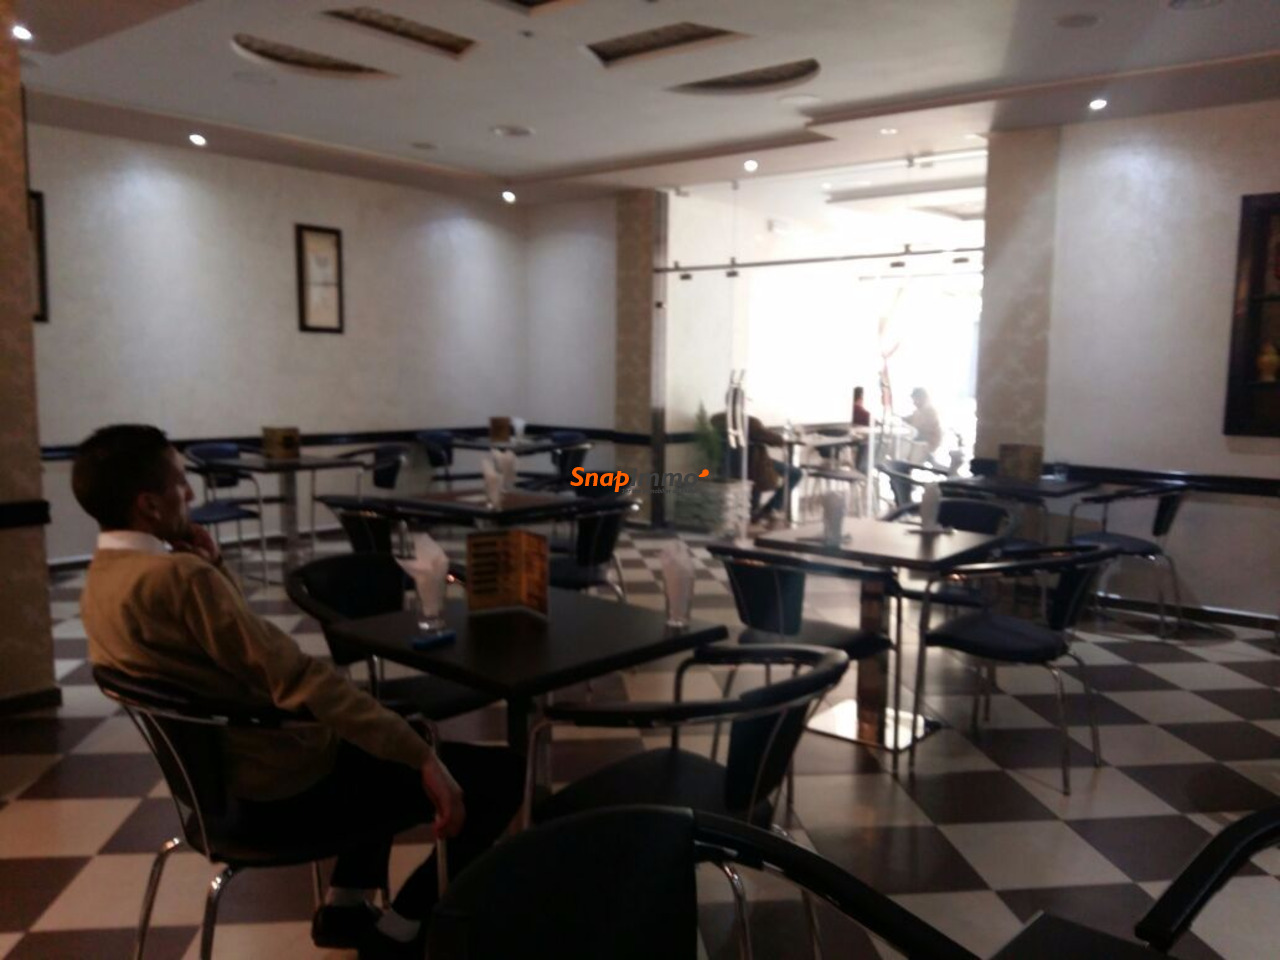 Cafe bien equipe a vendre - 4/4